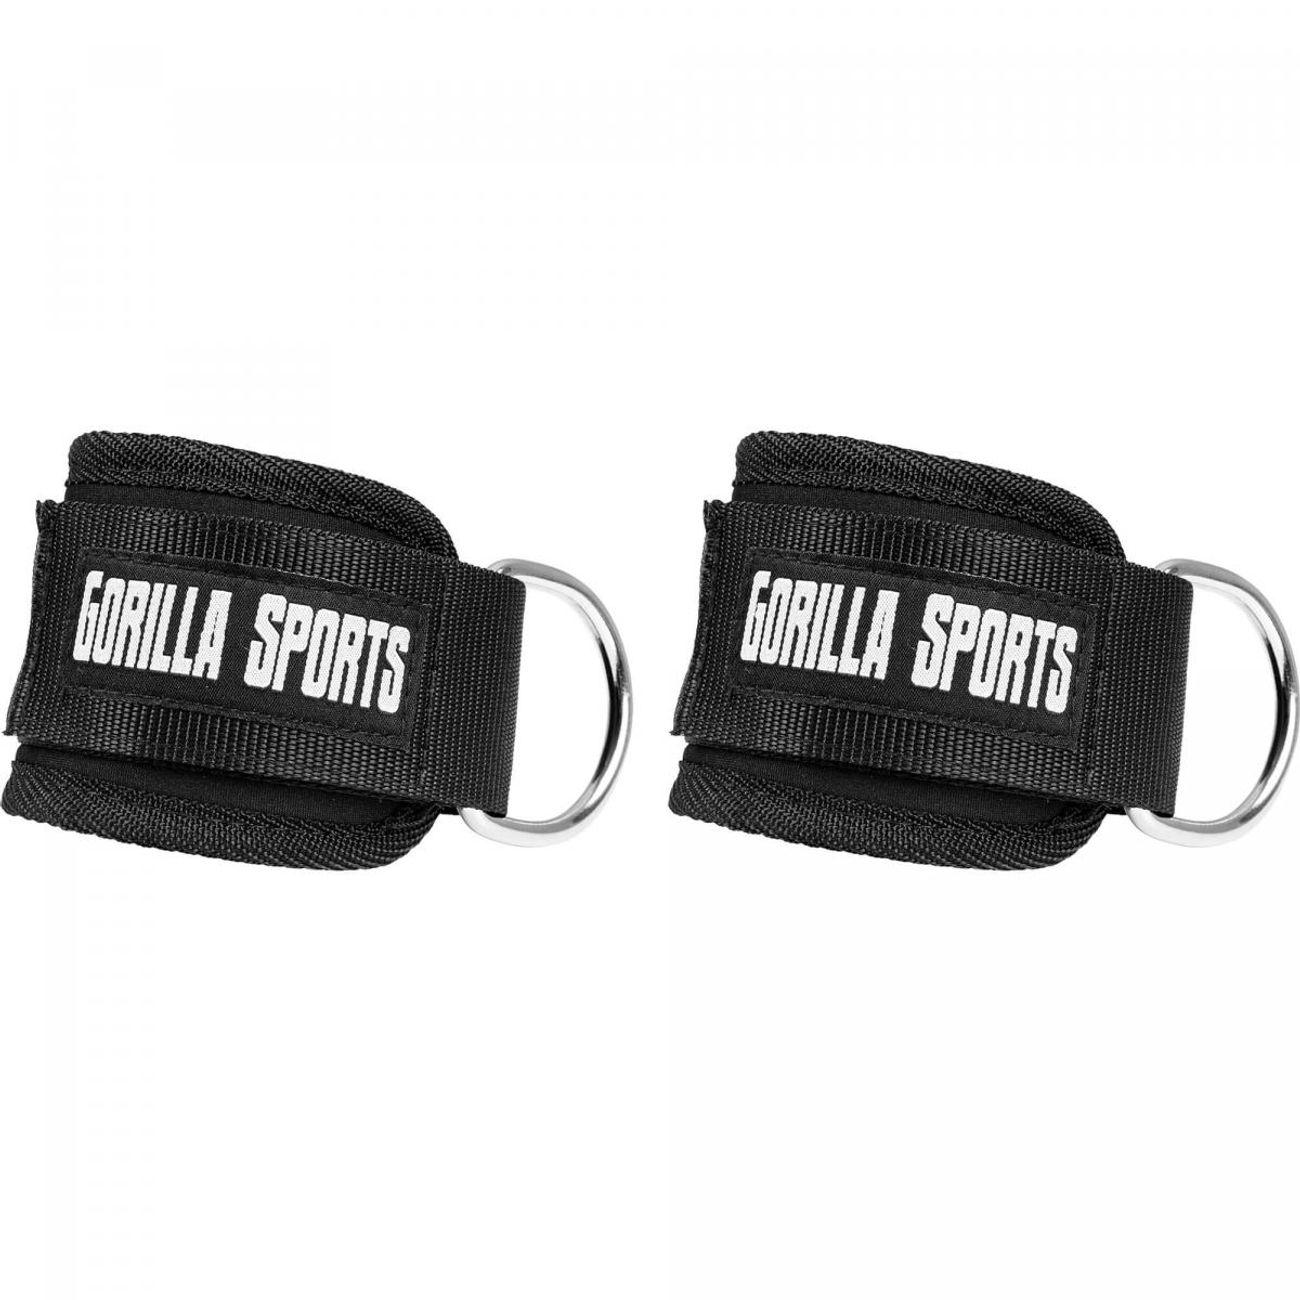 Musculation  GORILLA Gorilla Sports - Paire de sangles de tirage rembourrées pour cheville ou poignet -  2 sangles Nylon avec fermetures velcro